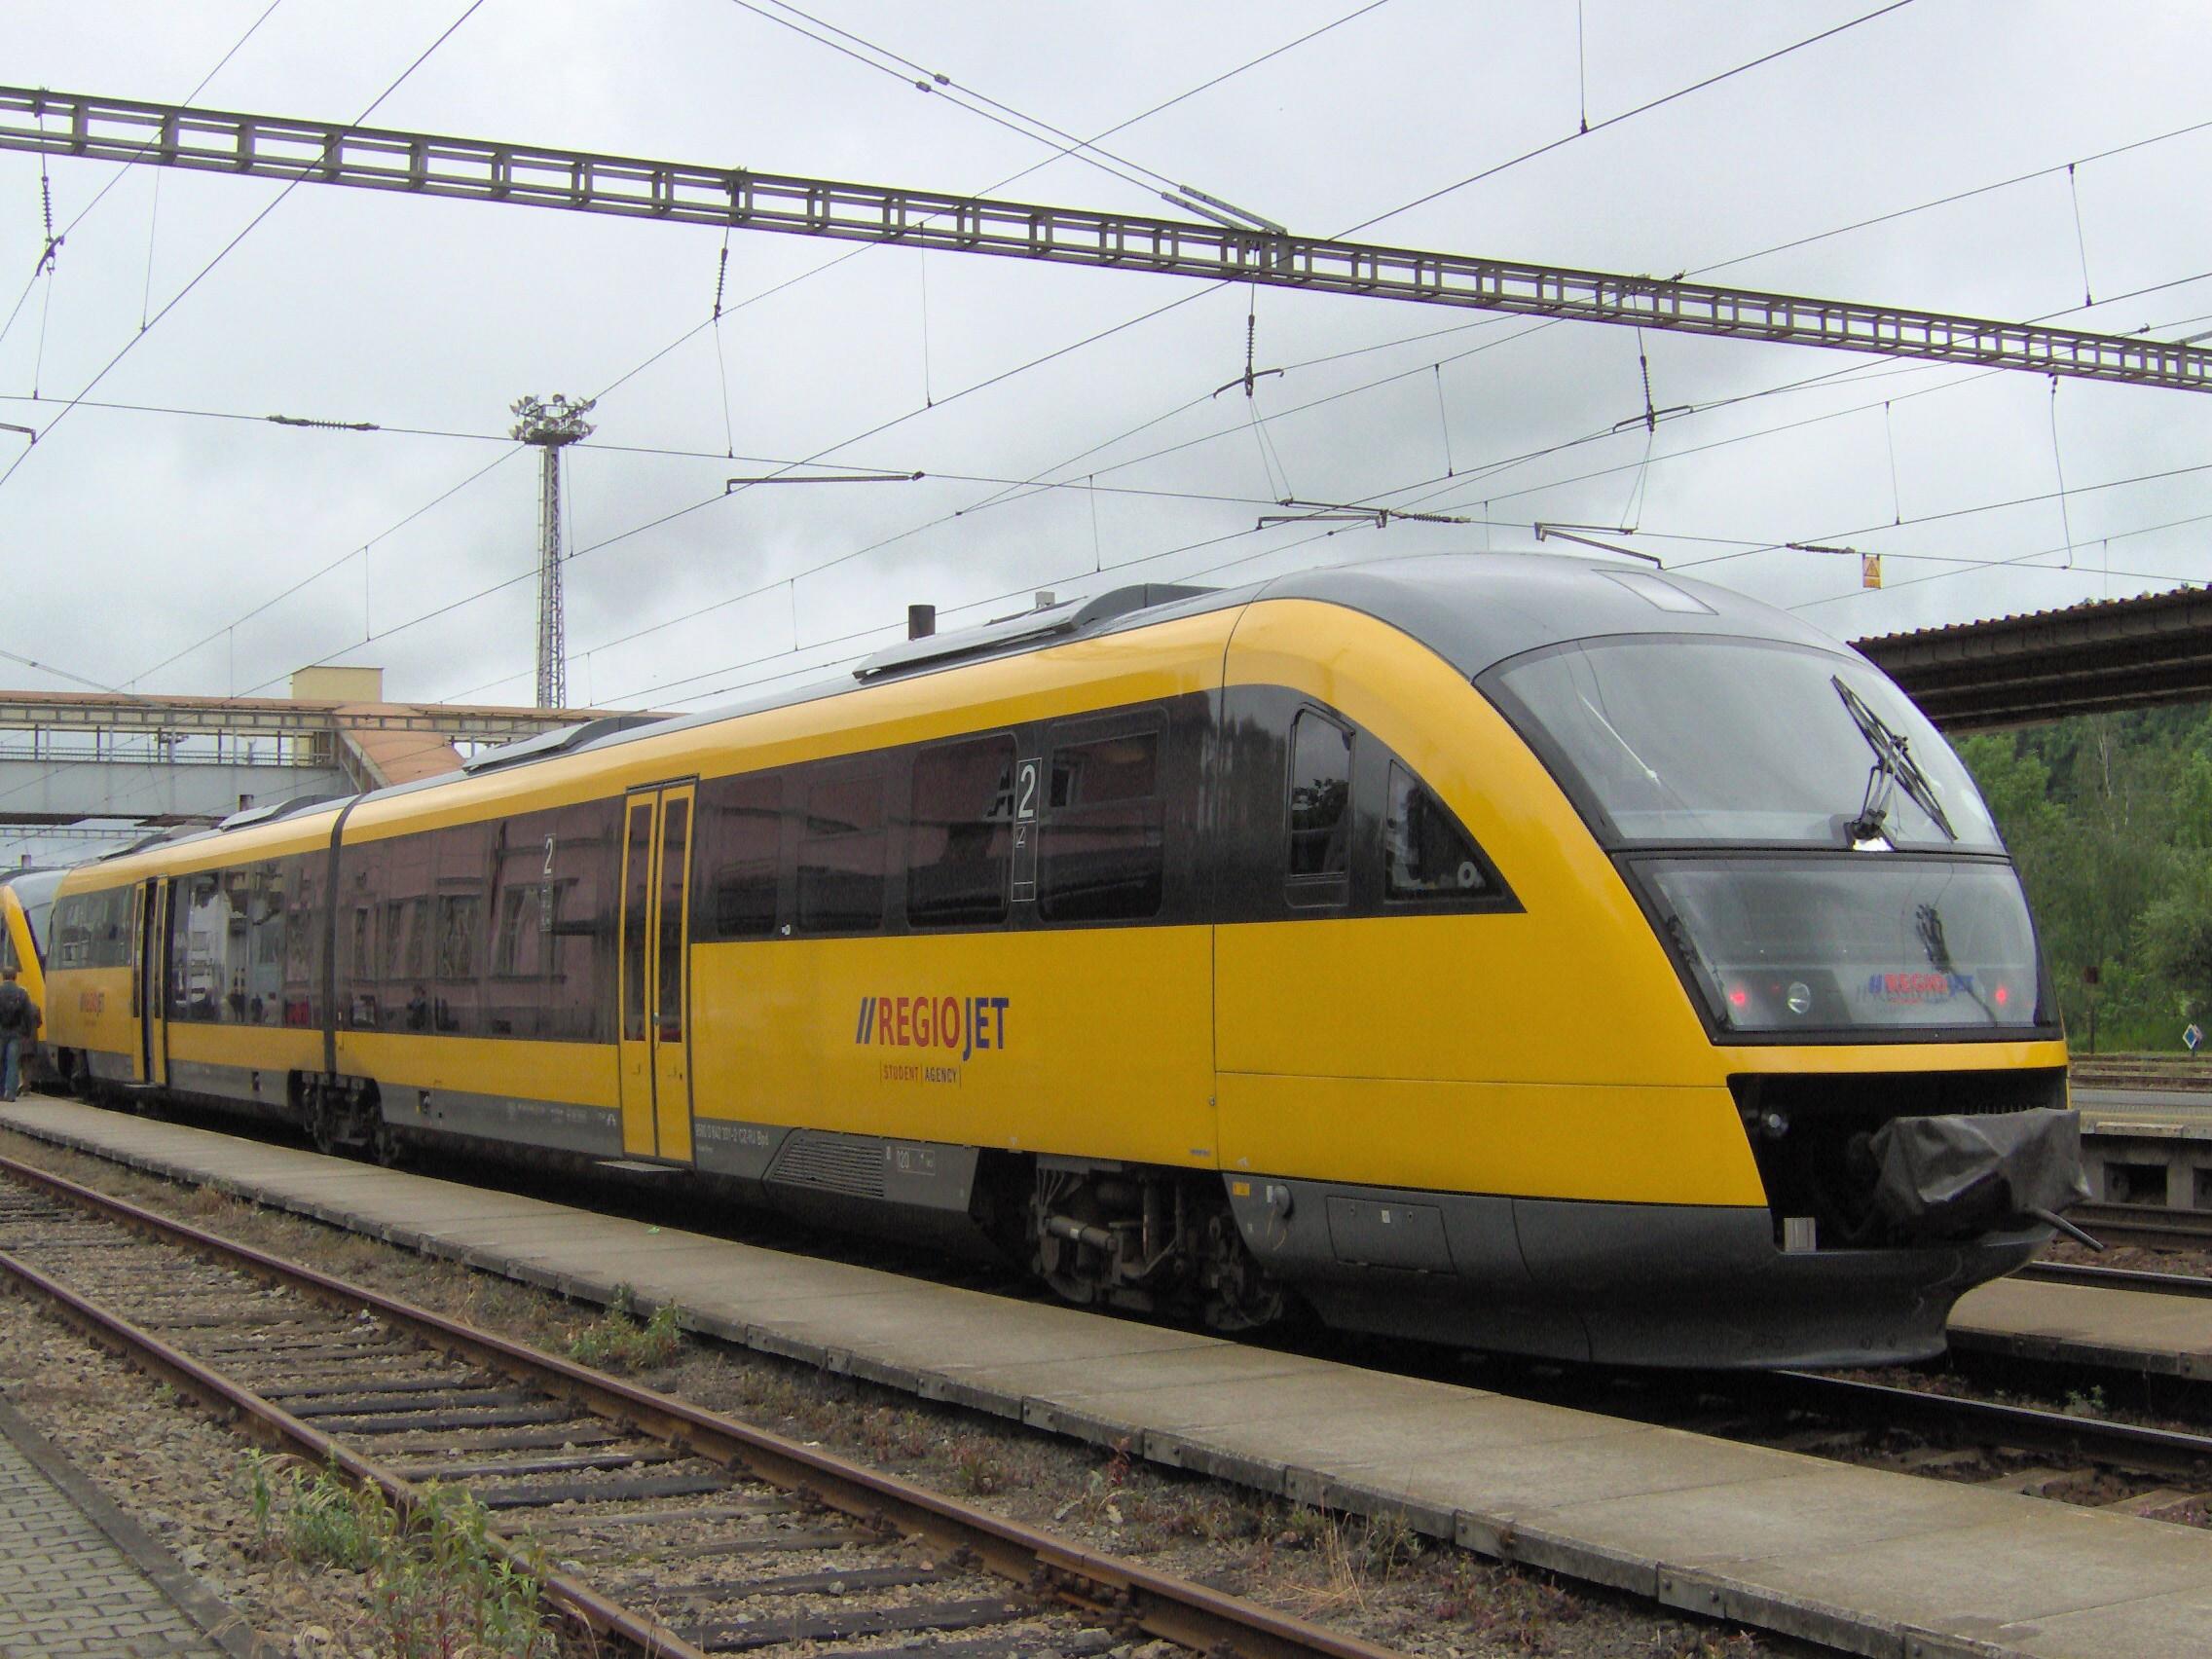 Od decembra 2013 RegioJet začal nasadzovať menšie súpravy Desiro. Foto - Wikipedia